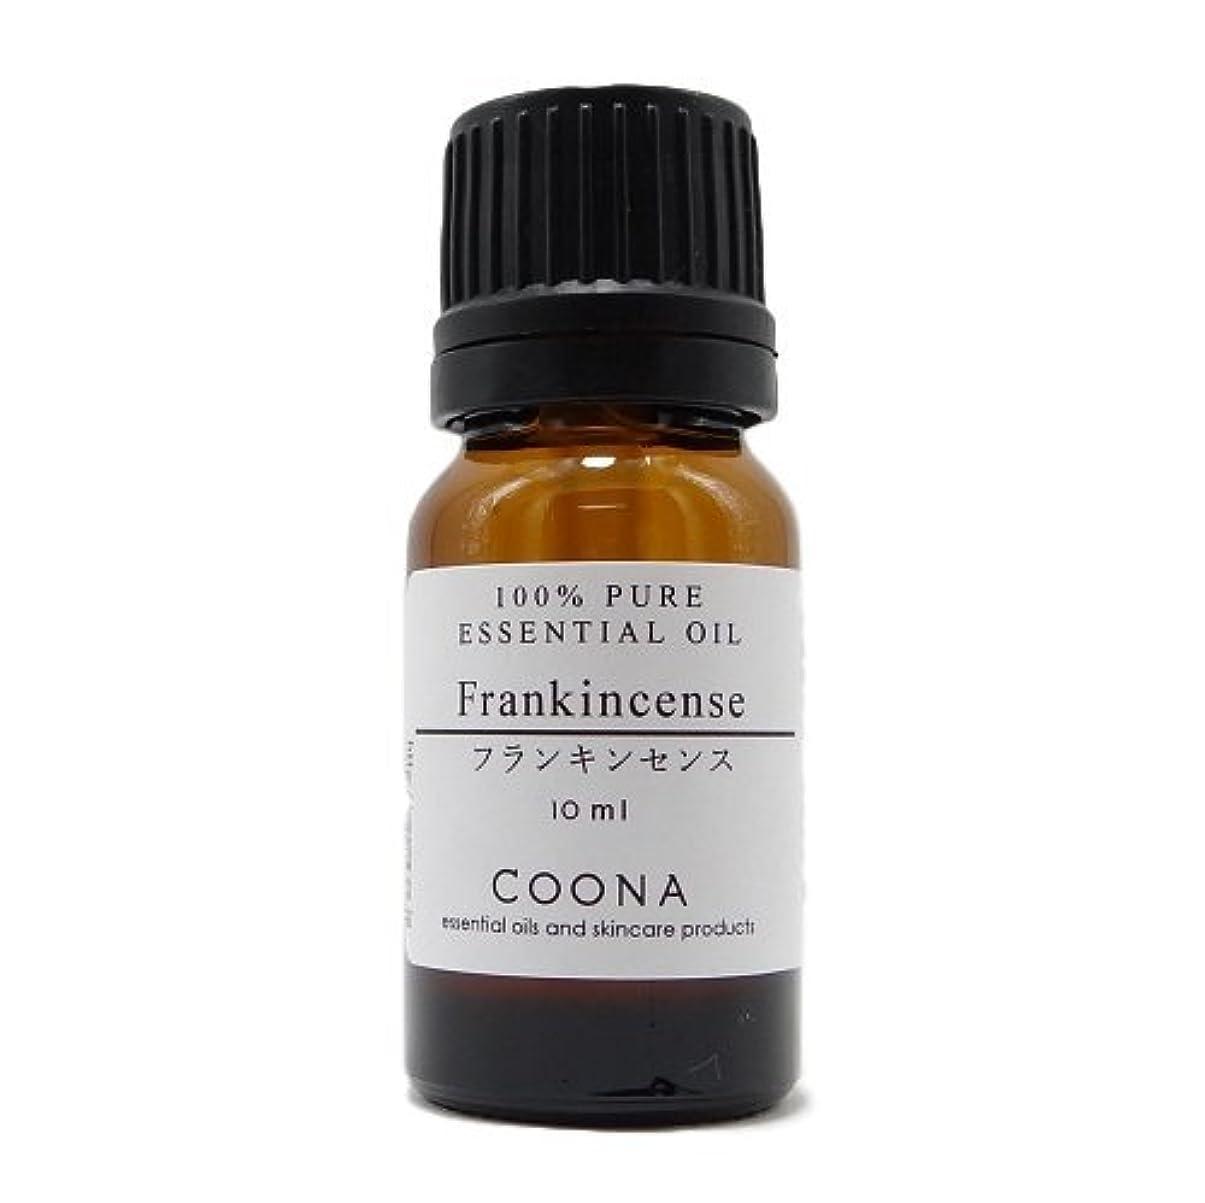 祈り優越地域フランキンセンス 10 ml (COONA エッセンシャルオイル アロマオイル 100%天然植物精油)